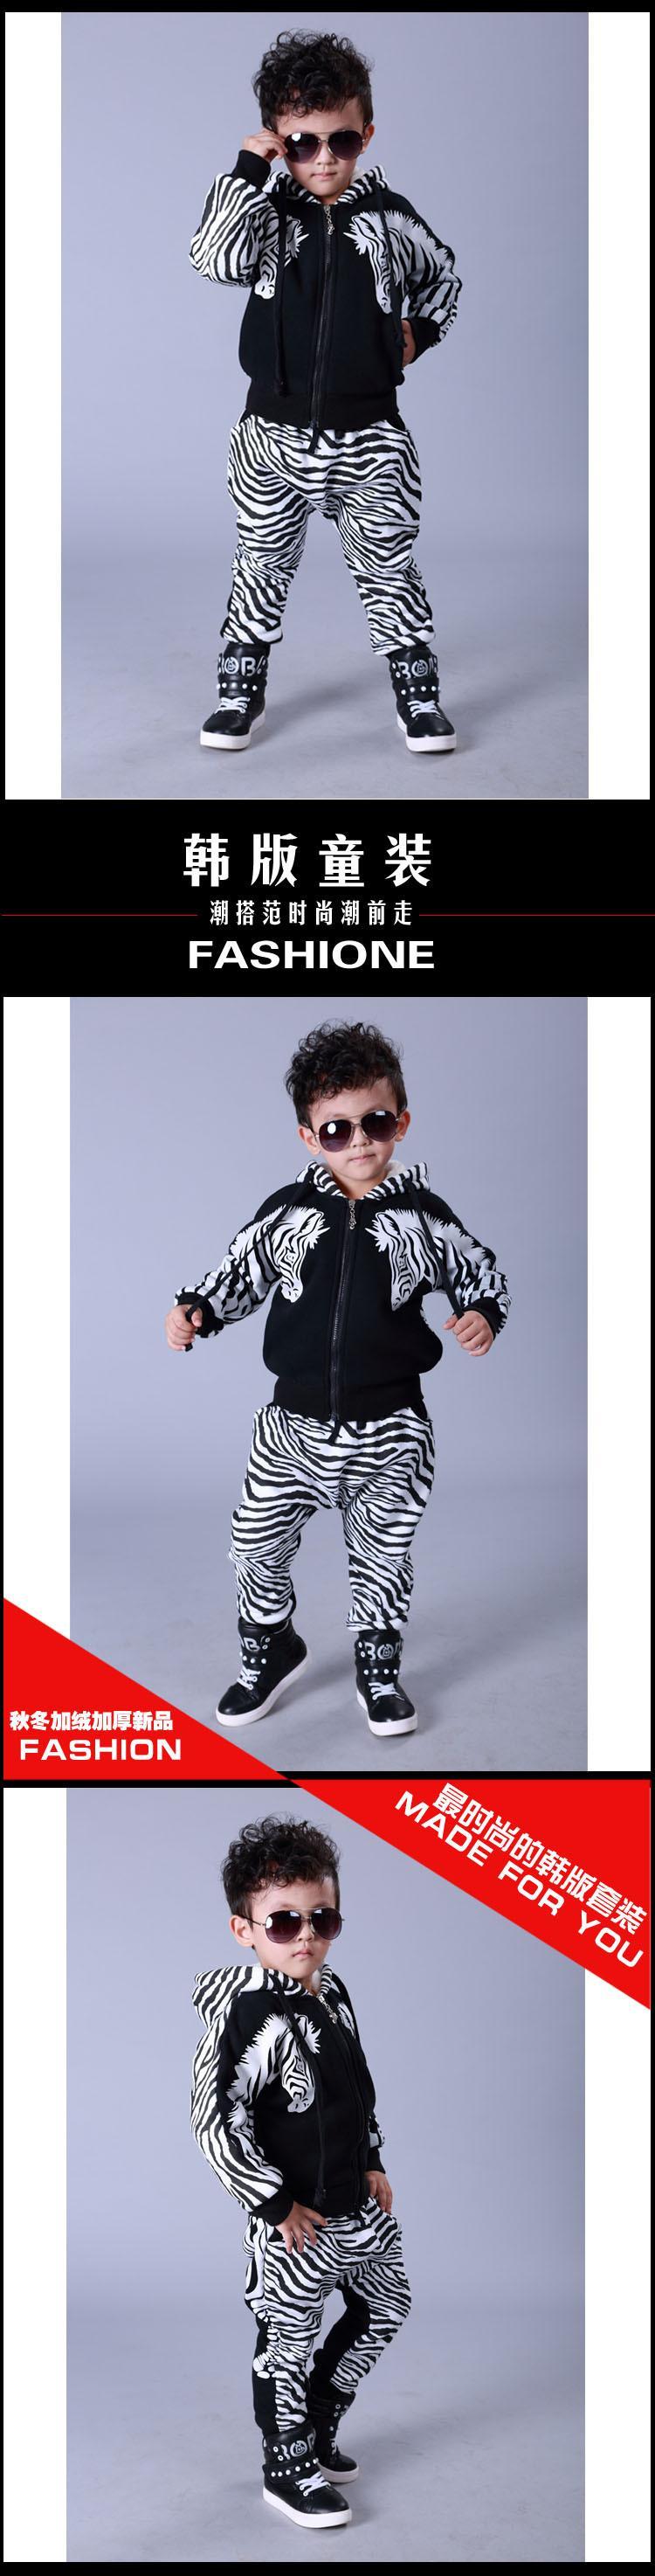 Скидки на 2015 Зимние Мальчики спортивные костюмы наборы Плюс бархат толстые теплые балахон и брюки детская одежда 2 шт. набор Зебра печать